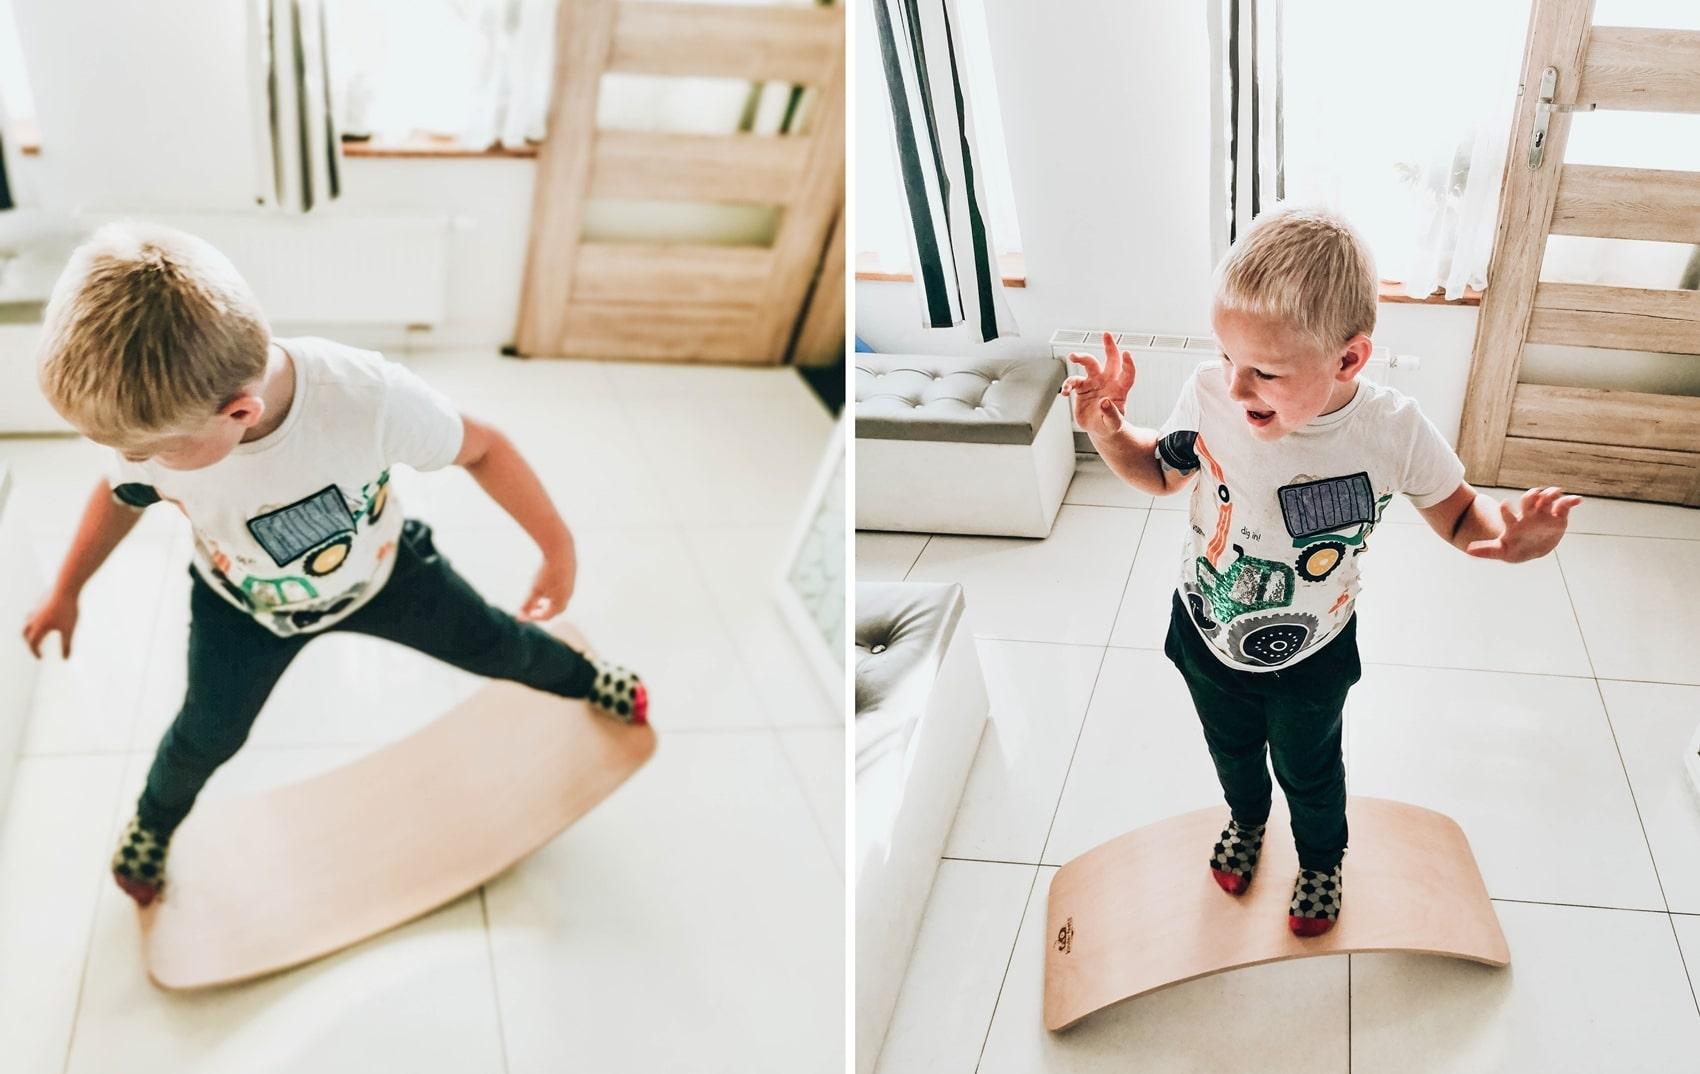 cwiczenia-rozwojowe-dla-dziecka.jpg